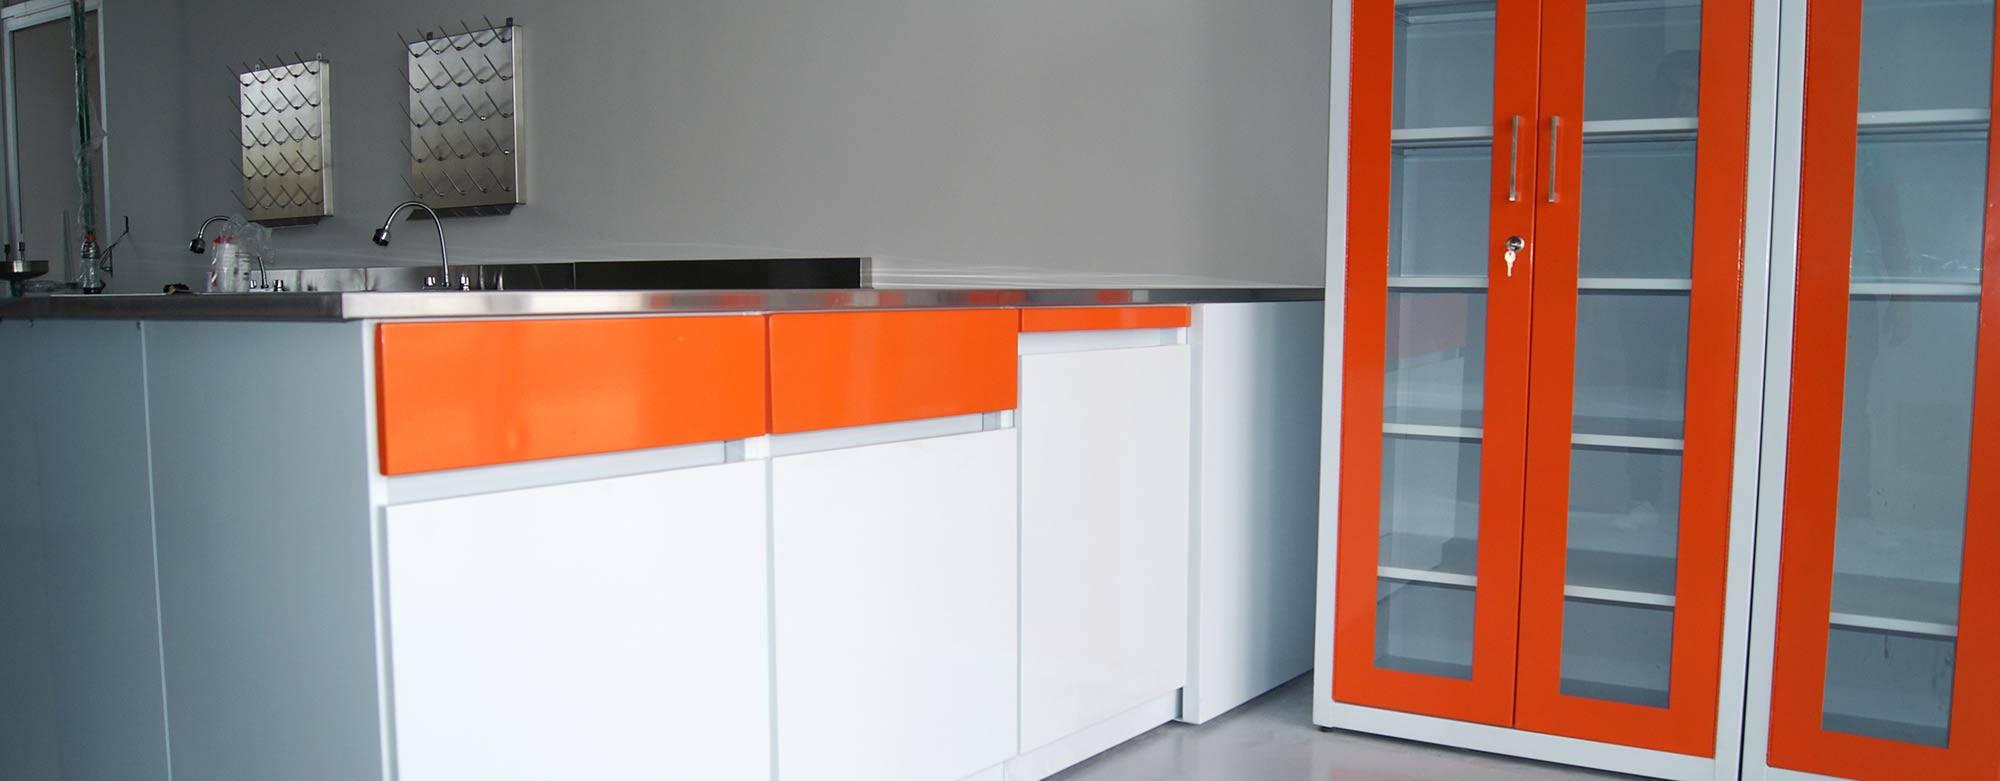 Servicios Dise O Y Realizaci N De Amueblamiento Para Laboratorios  # Dabrielo Muebles De Laboratorio